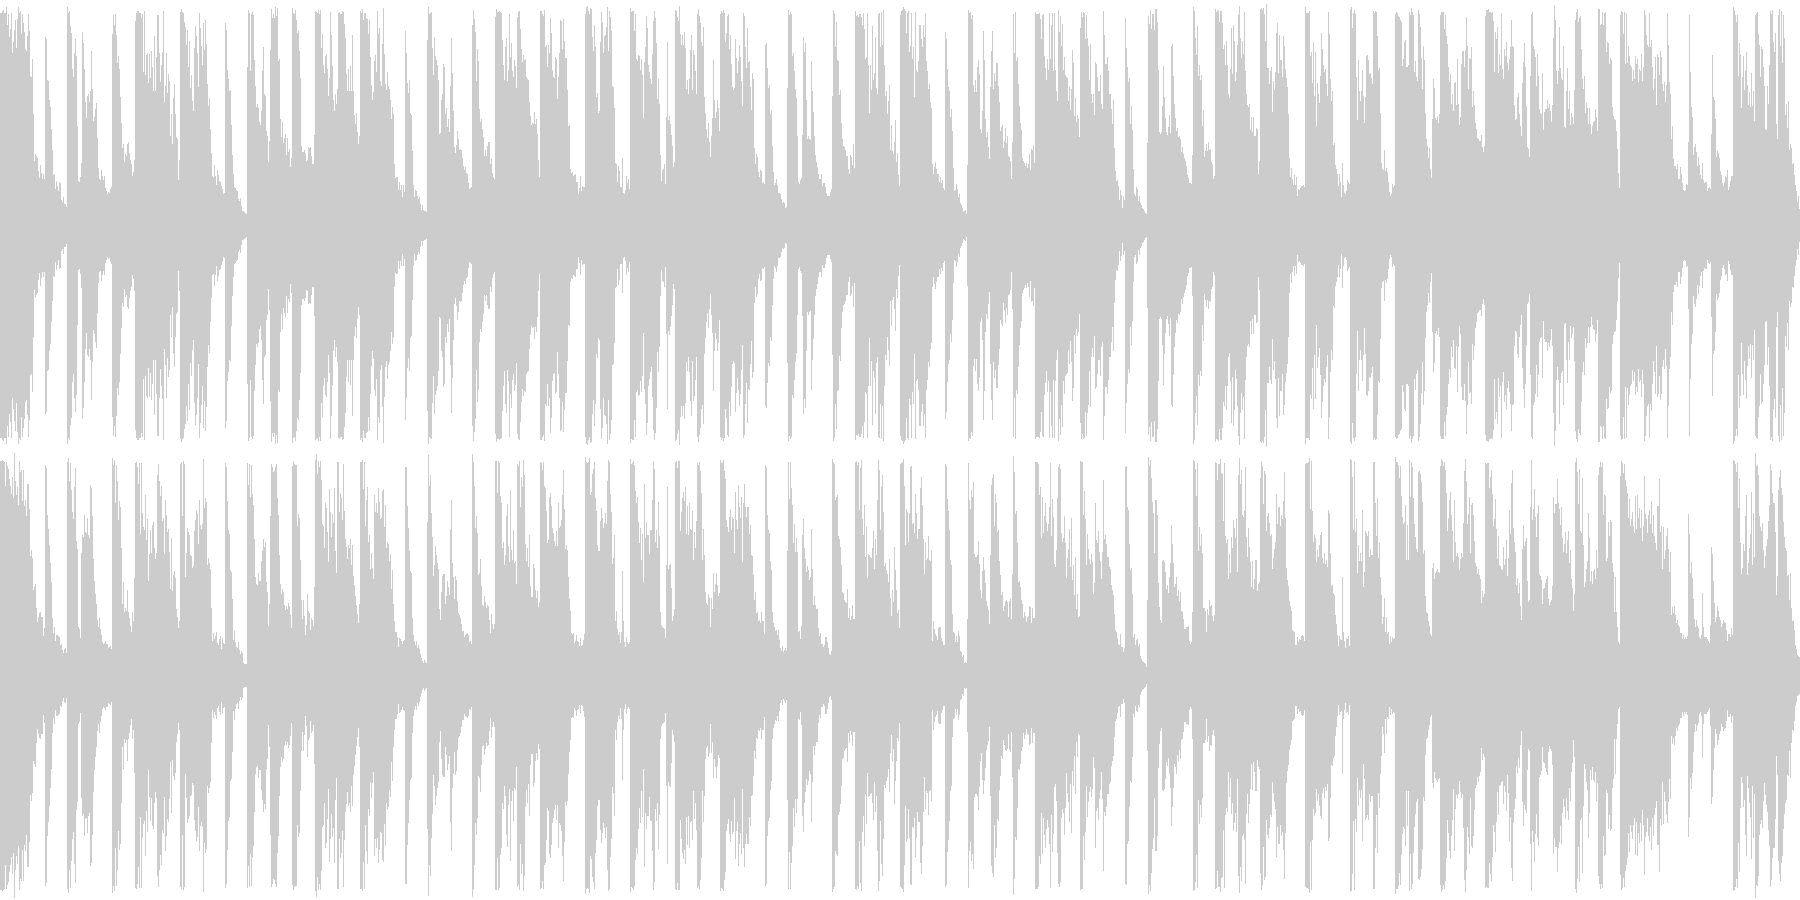 明るい和風テクノポップ・ループ再生用の未再生の波形